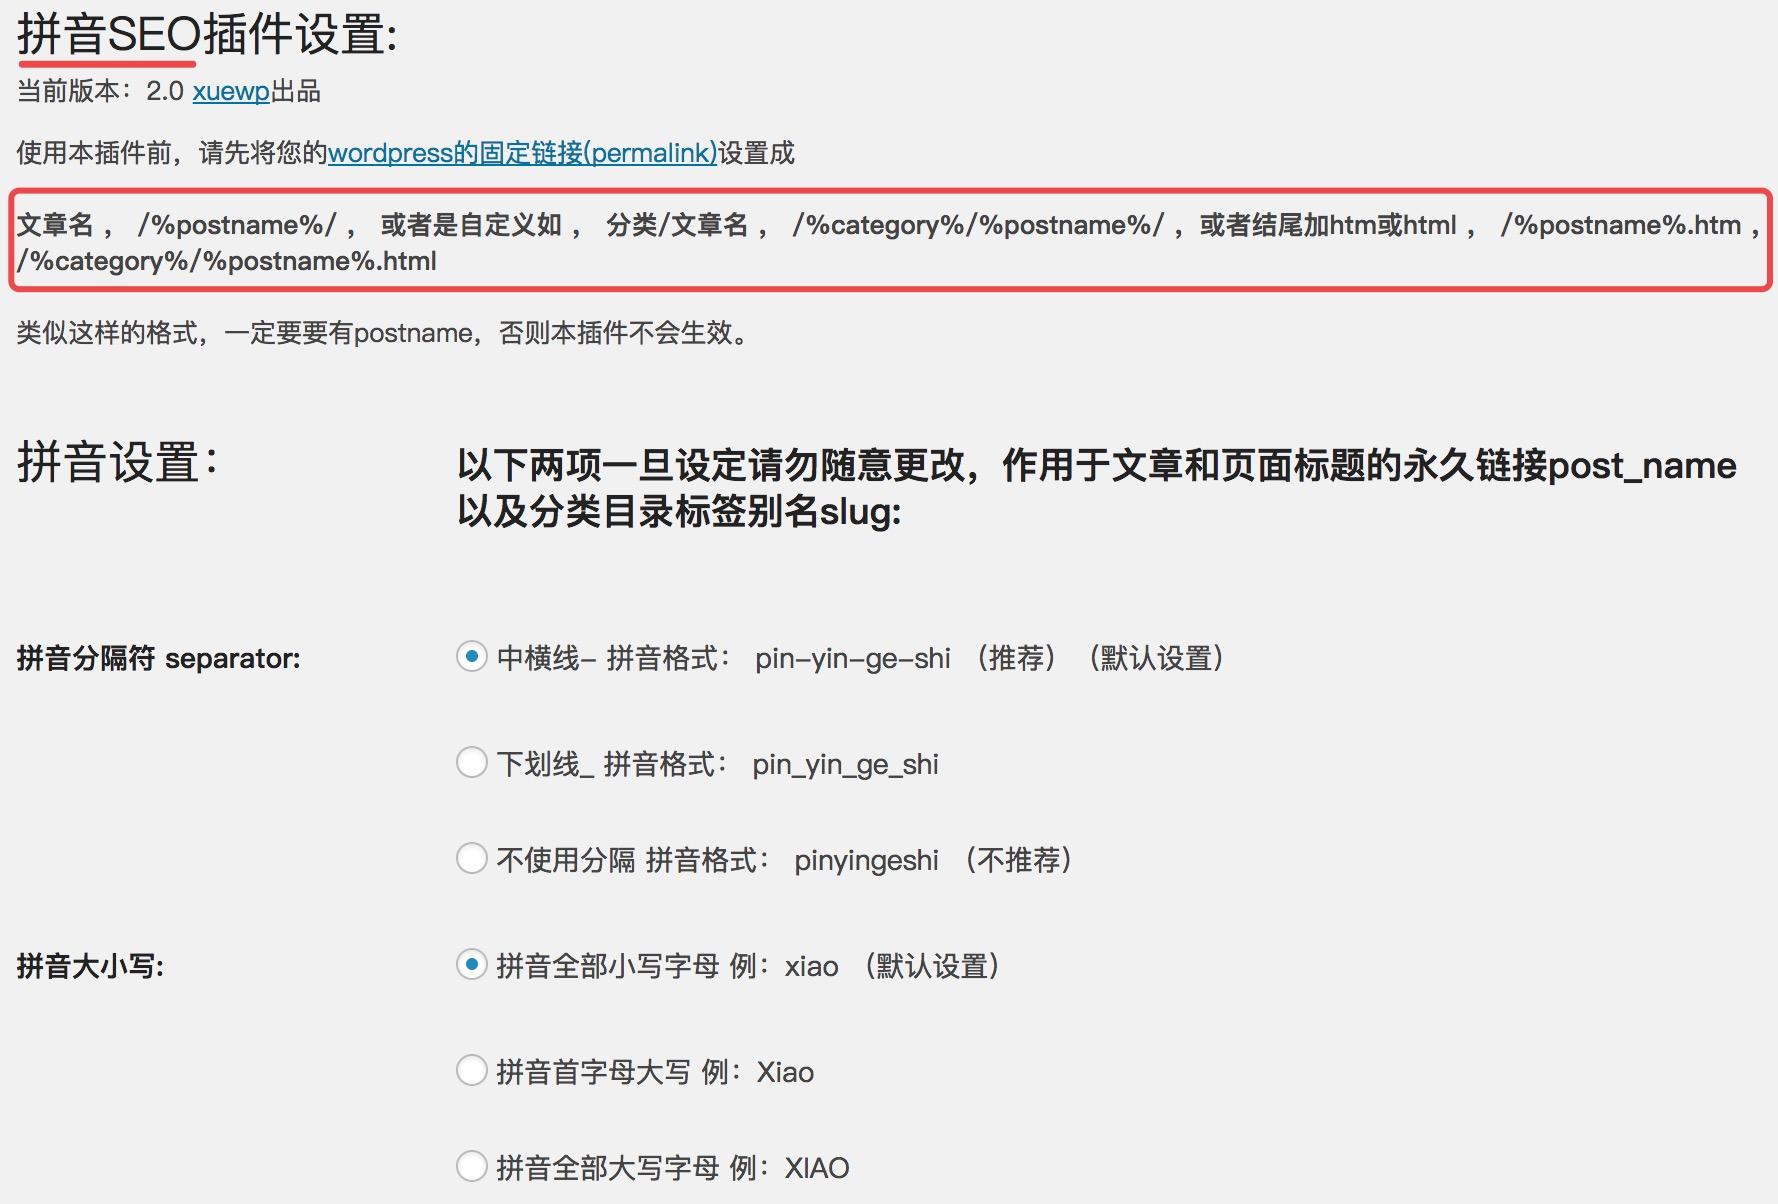 wordpress-wen-zhang-biao-ti-zi-dong-fan-yi-cheng-ying-wen-huo-pin-yin-cha-jian-01